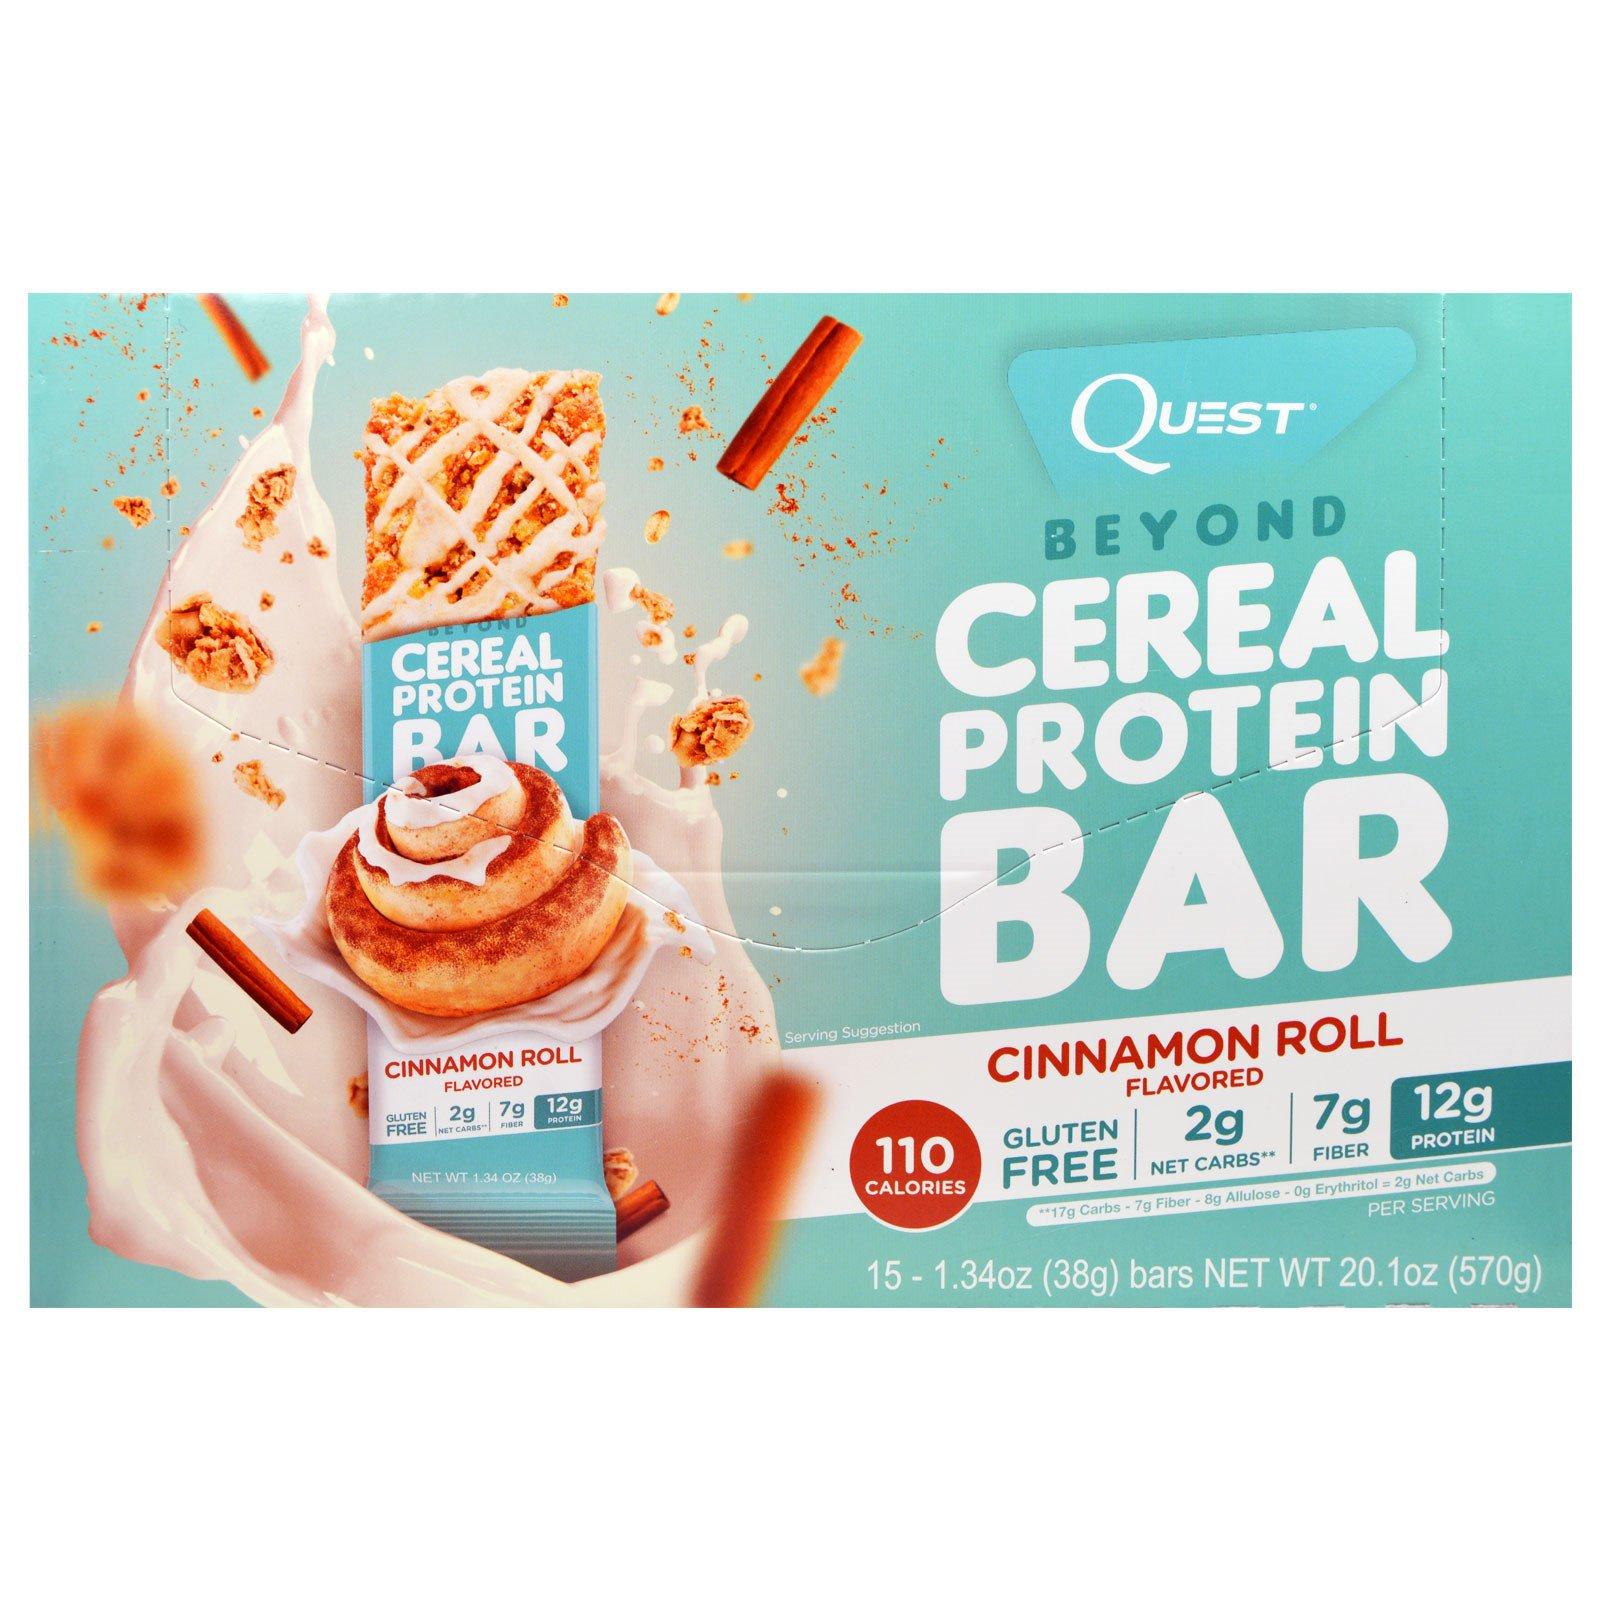 Quest Nutrition, Протеиновые батончики Beyond Cerealr с добавлением корицы, 15 батончиков, 1,34 унций (38 г) в каждом